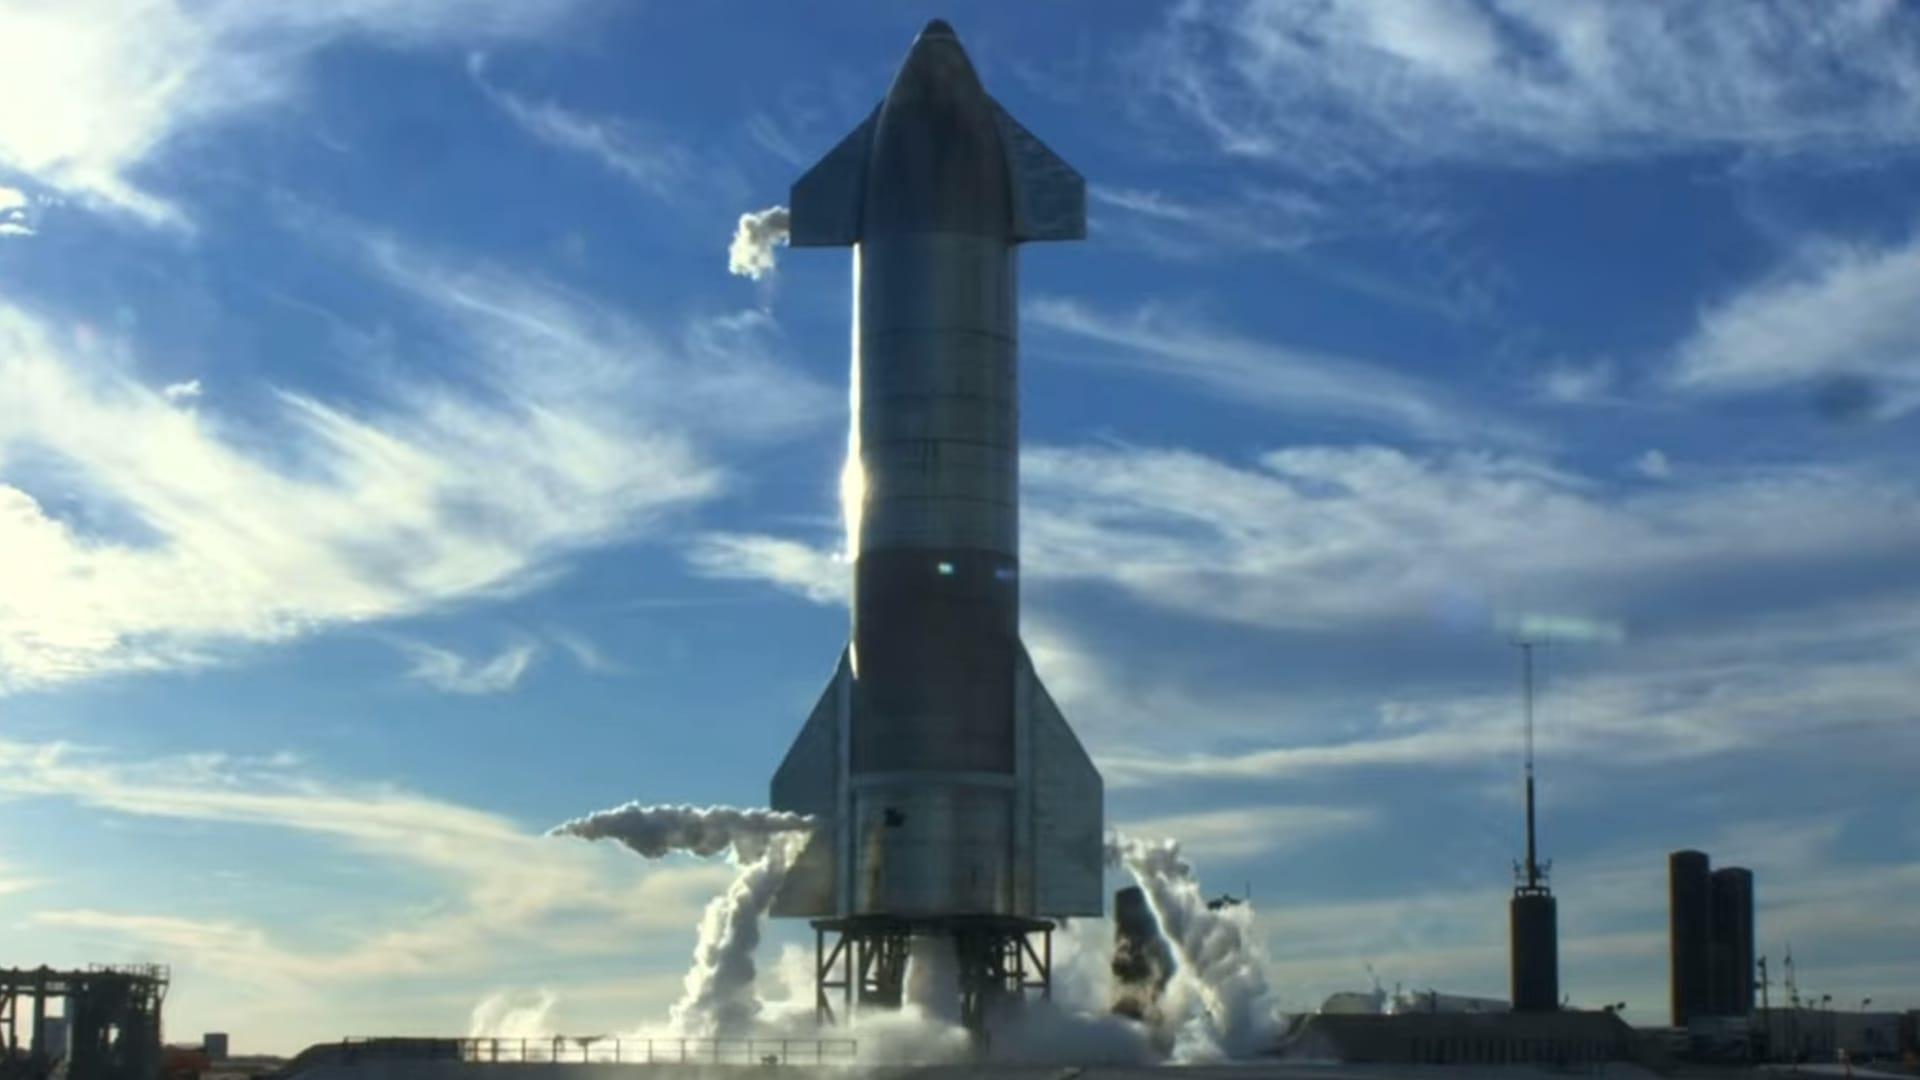 Starship prototype SN8 aborts its liftoff attempt on Dec. 8, 2020.